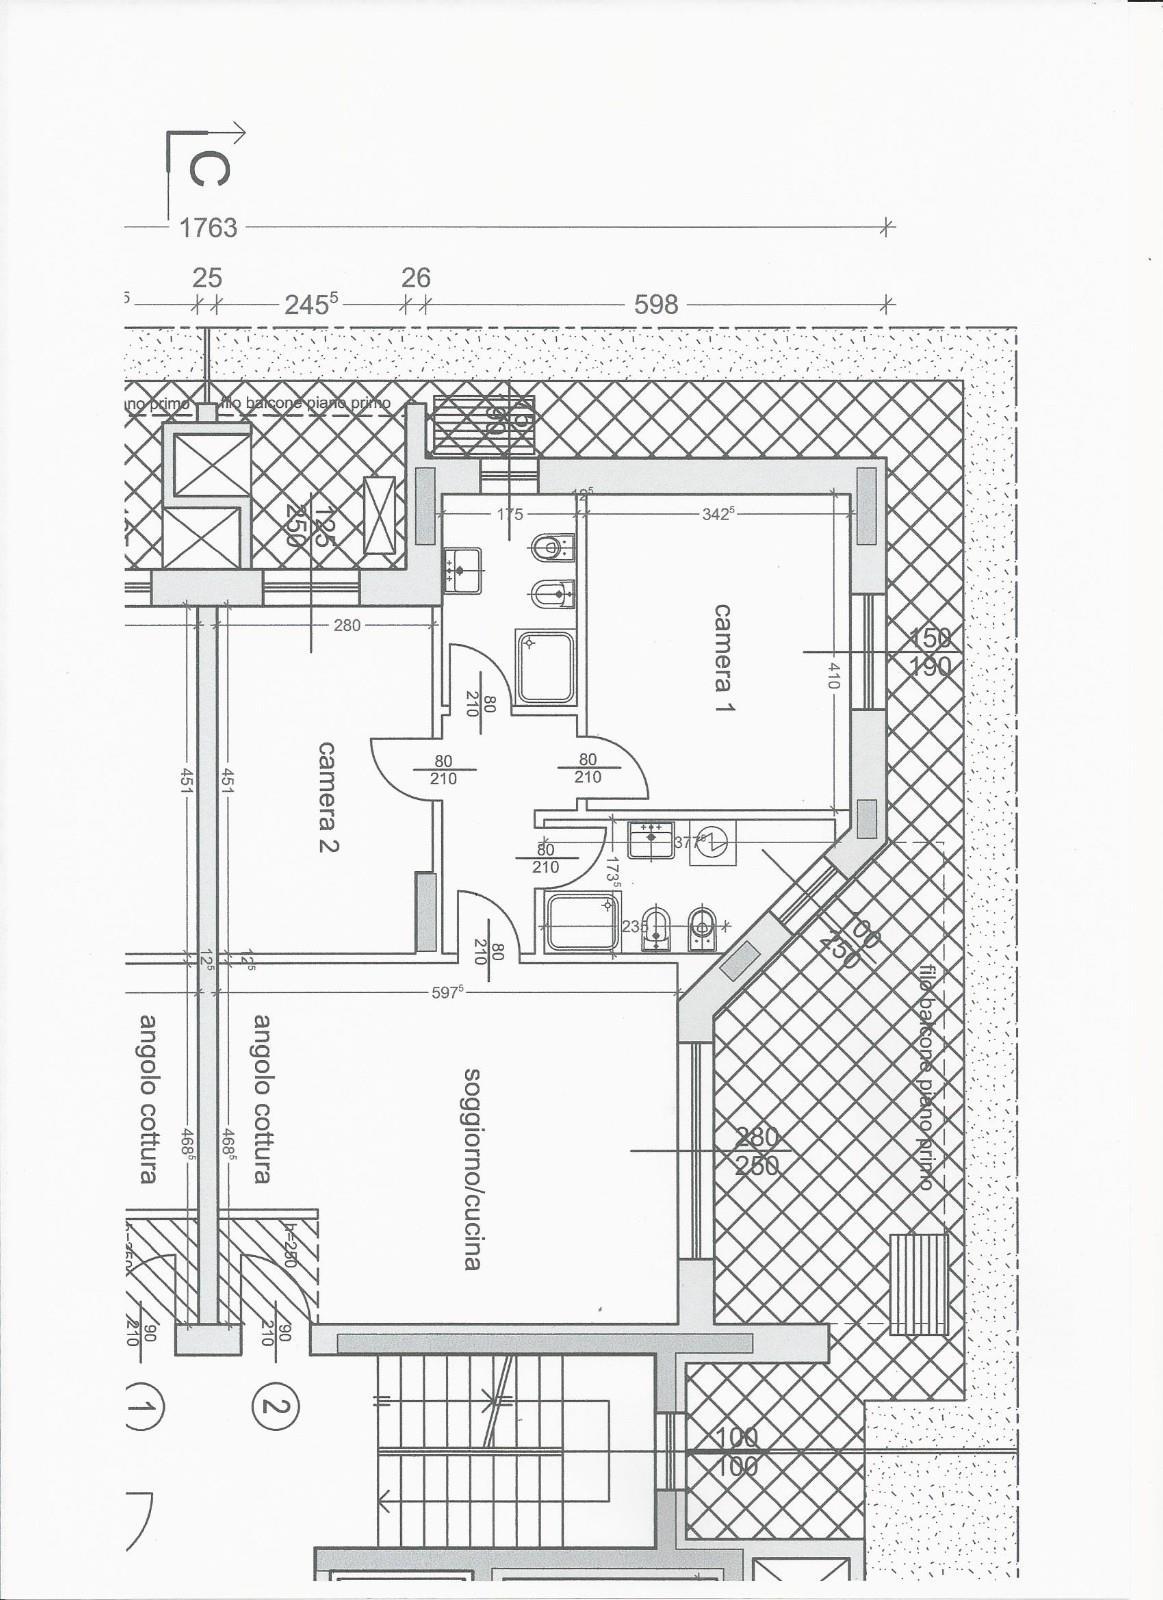 Foto 4 - Appartamento in Vendita - Concorezzo (Monza e Brianza)